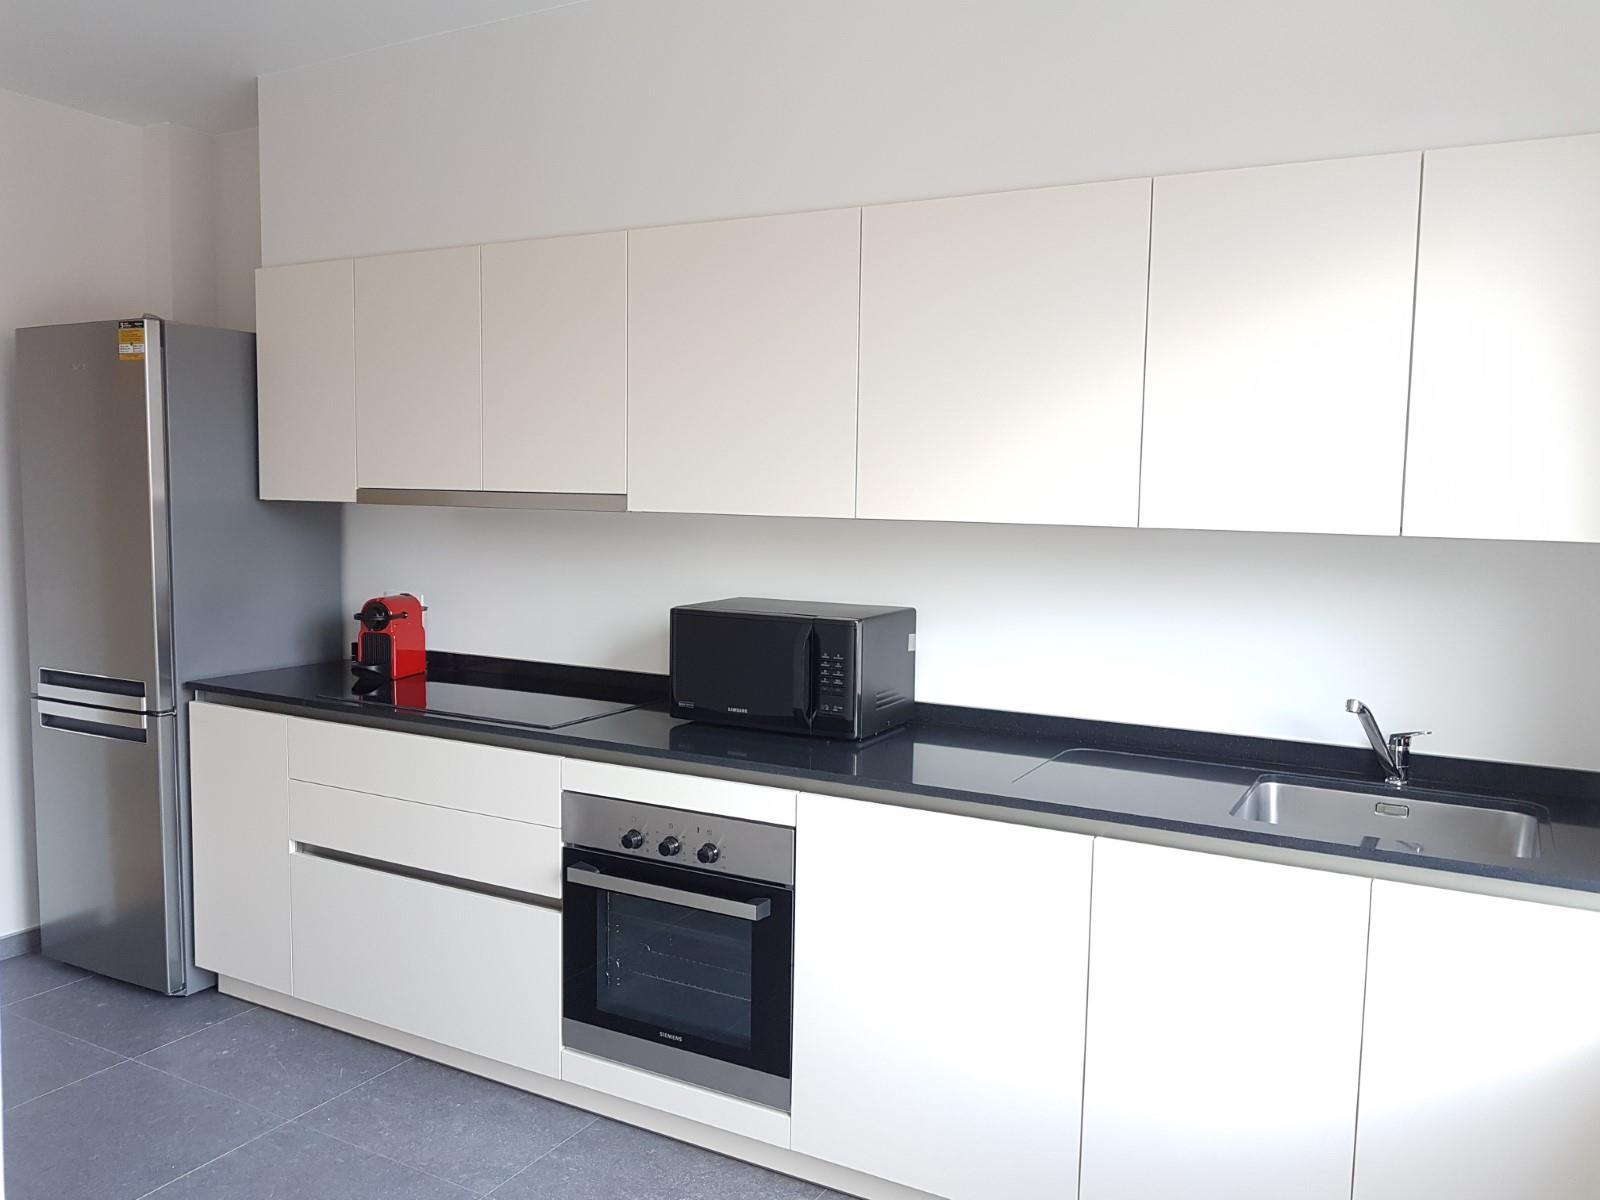 Appartement - Rhode-Saint-Genèse - #4185053-15